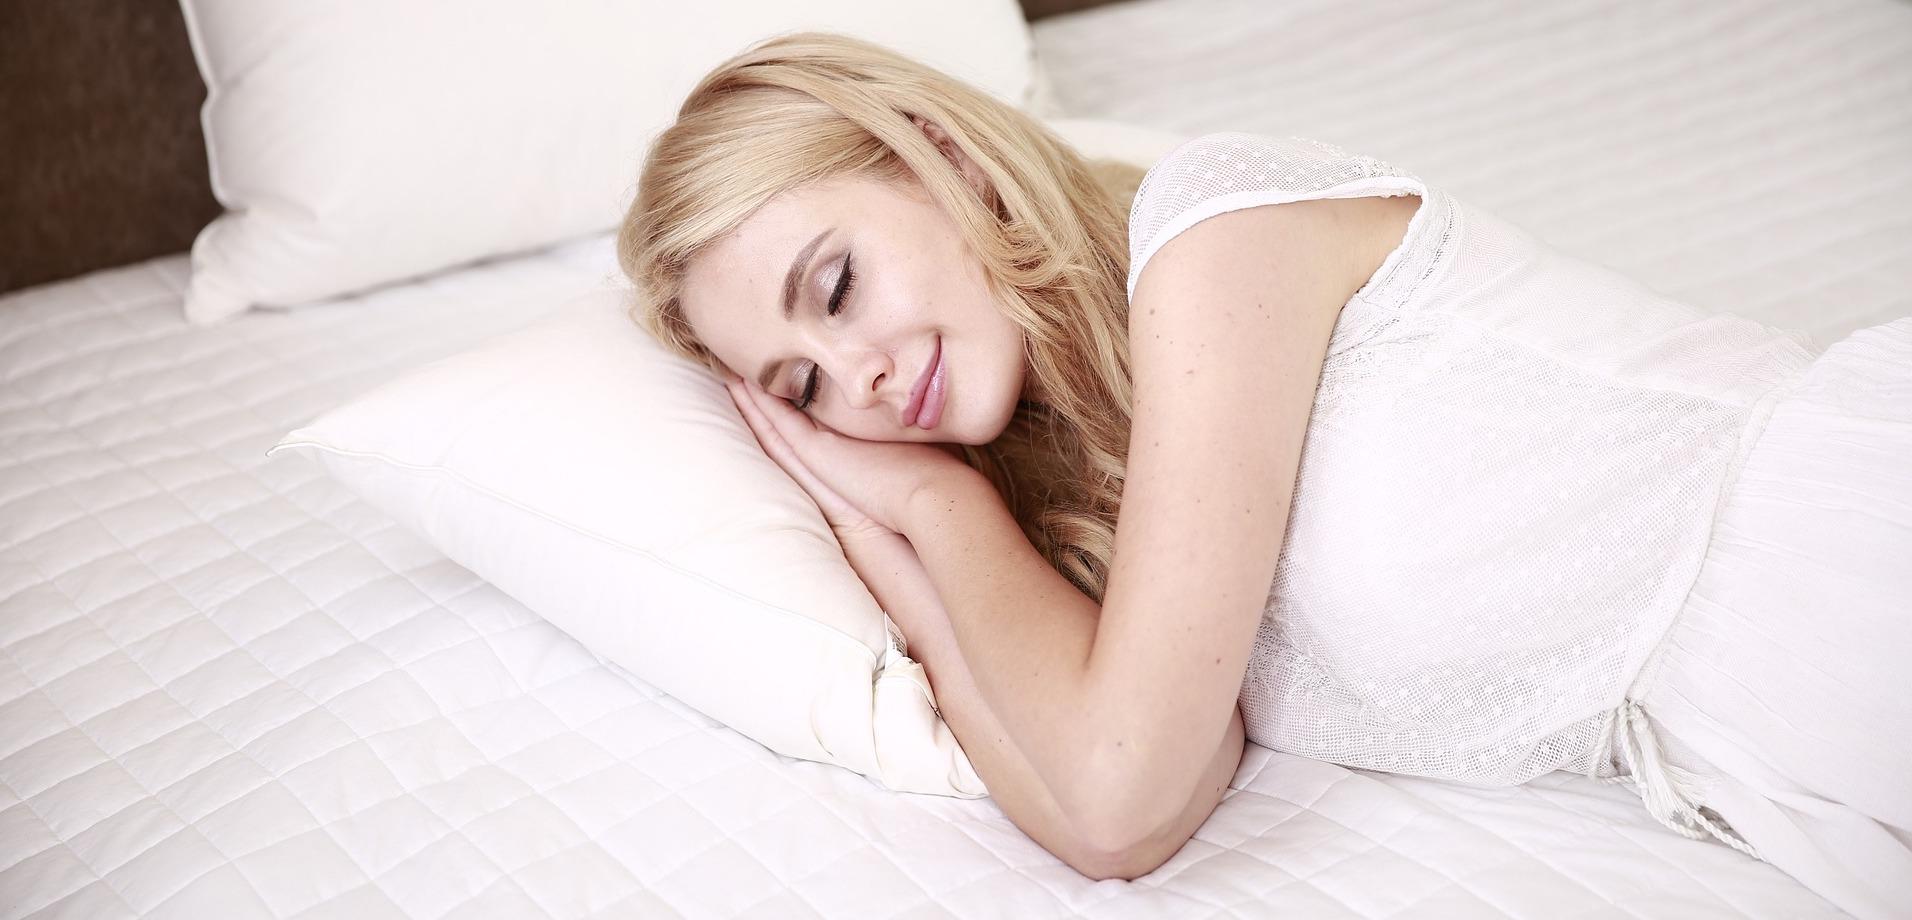 5 Wege, wie du mit Meditation deinen Schlaf verbessern kannst